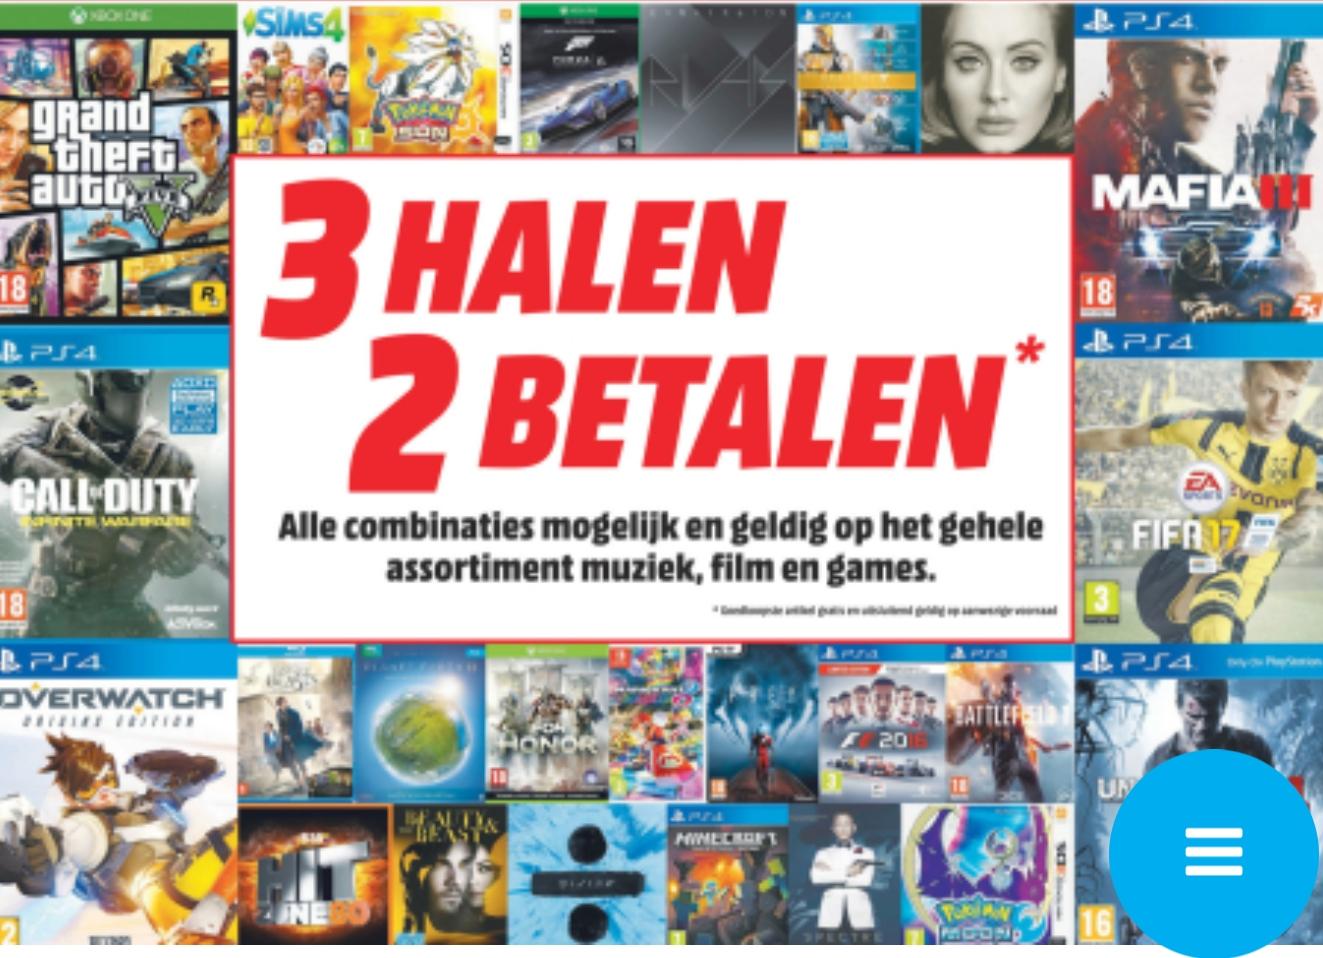 3 halen = 2 betalen op games, blu-ray, dvd en cd's @ Media Markt (vanaf maandag)